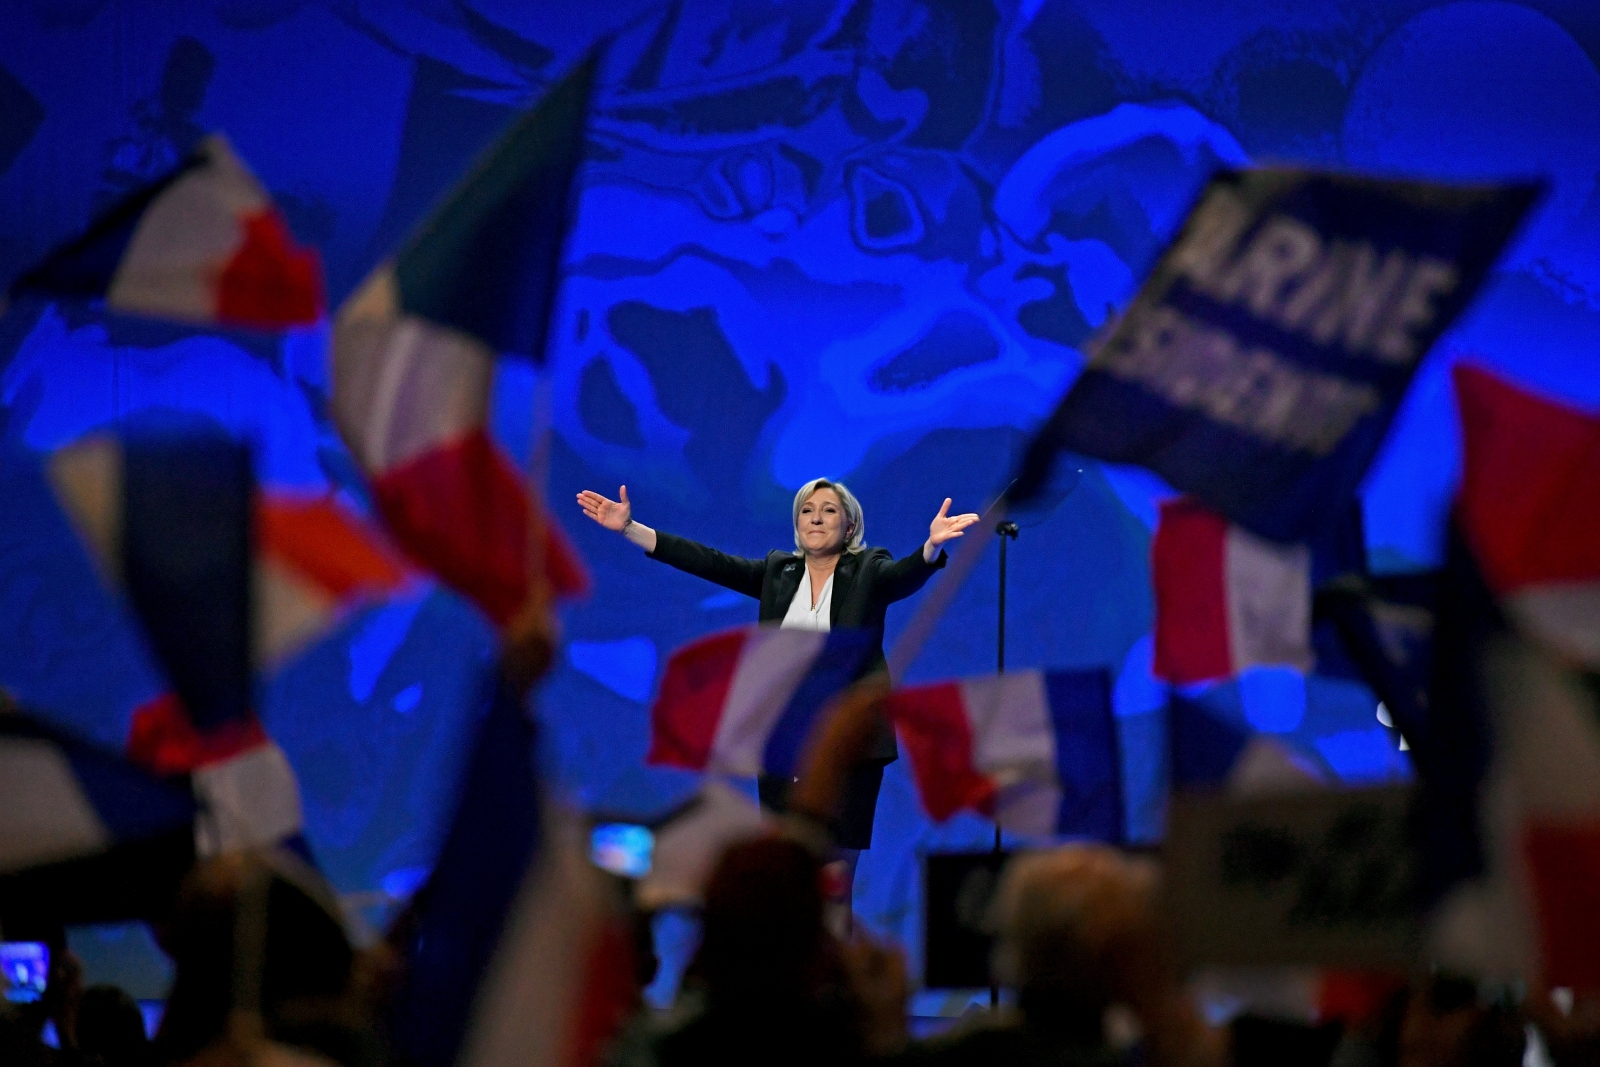 National Front Leader Marine Le Pen